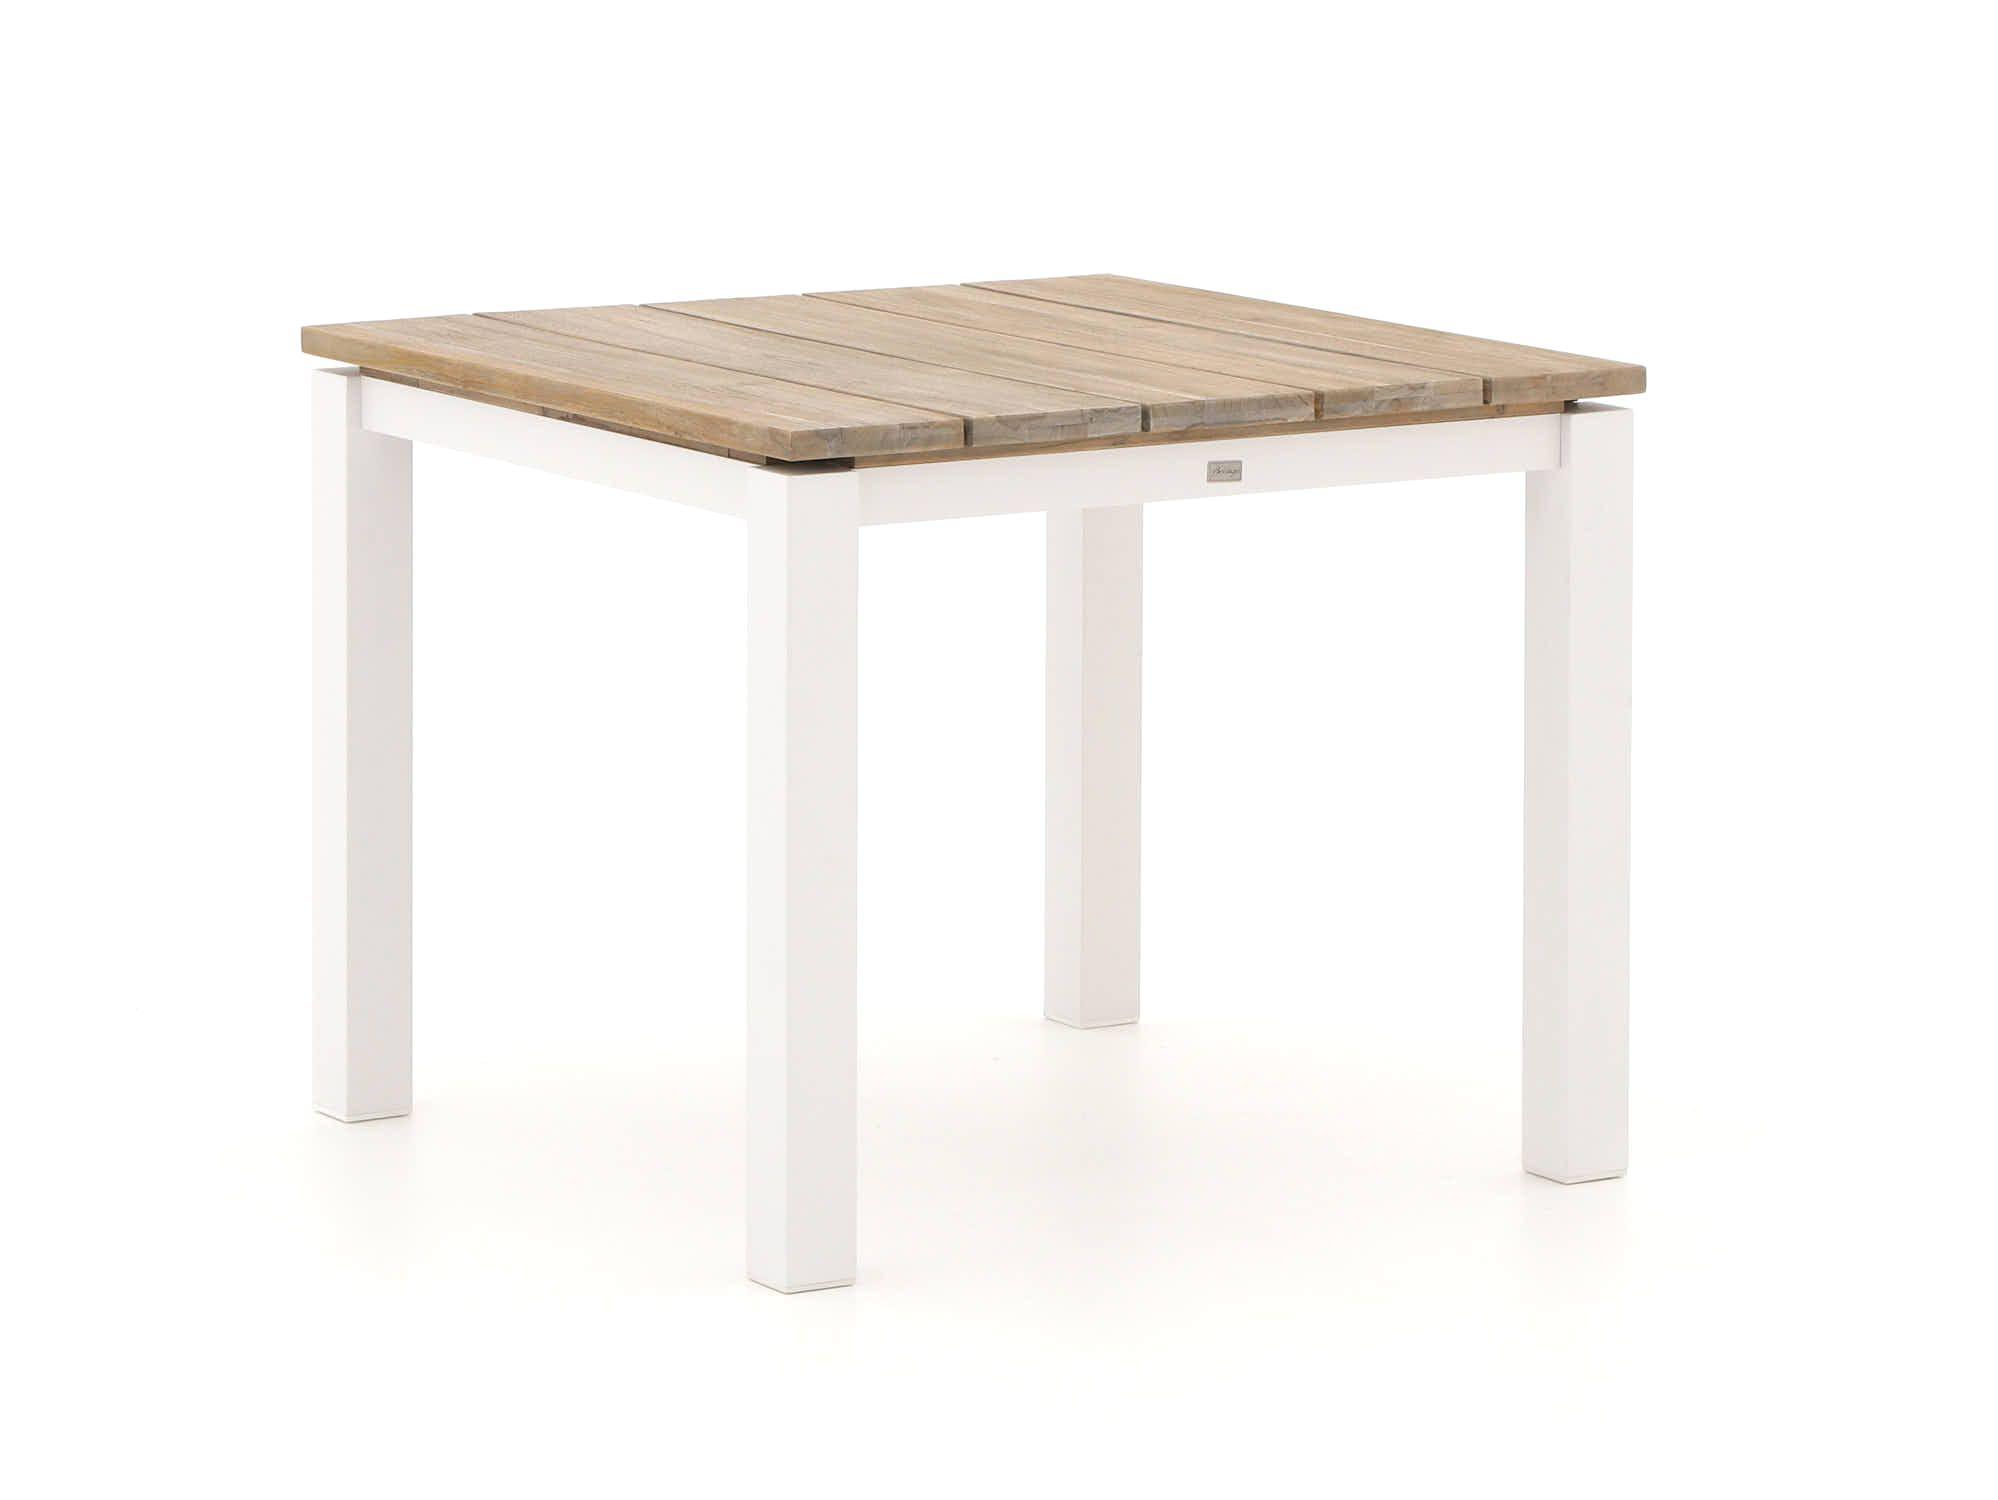 Quadratischer Esstisch aus Aluminium in der Farbe Weiß mit